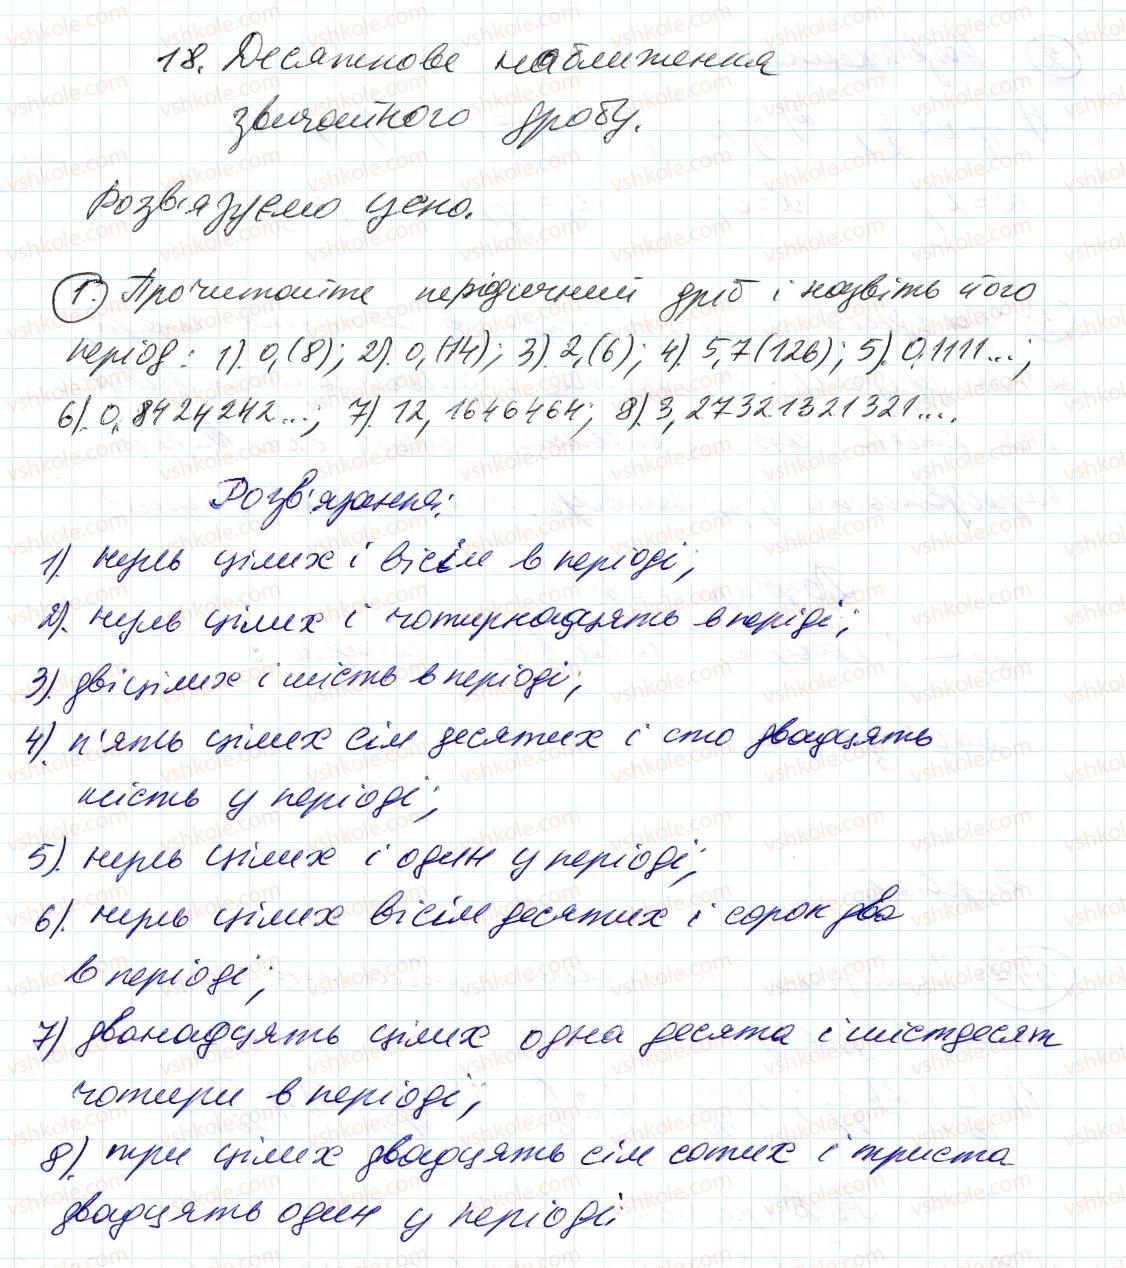 6-matematika-ag-merzlyak-vb-polonskij-ms-yakir-2014--rozvyazuyemo-usno-do-punkta-18-1.jpg